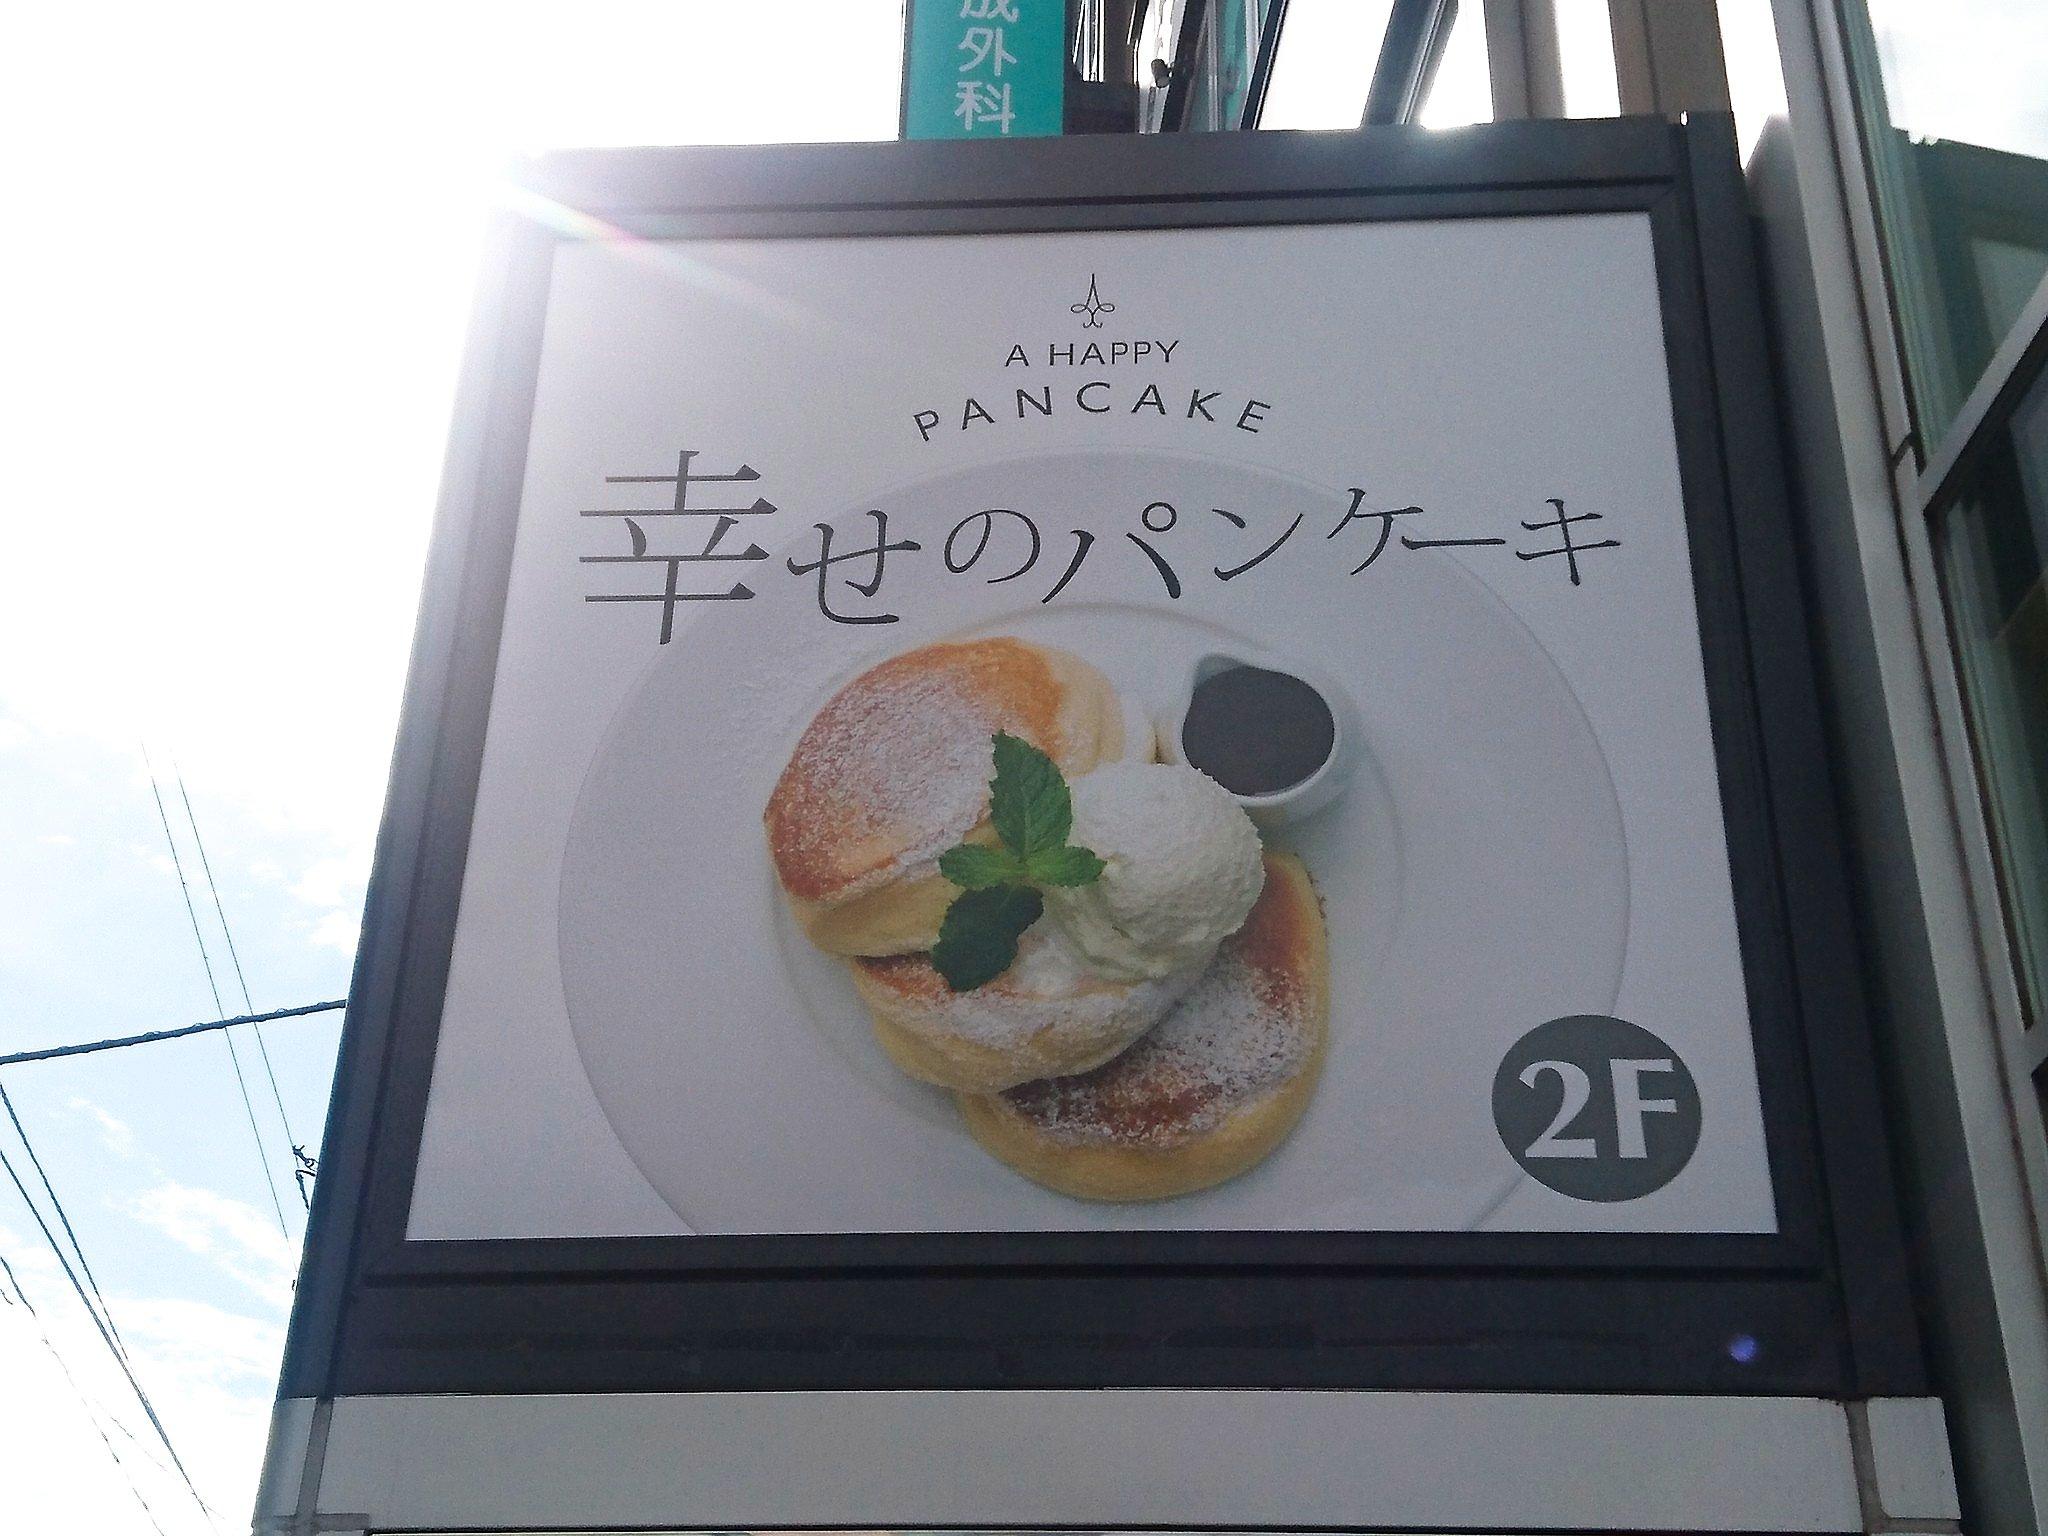 幸せのパンケーキ 看板